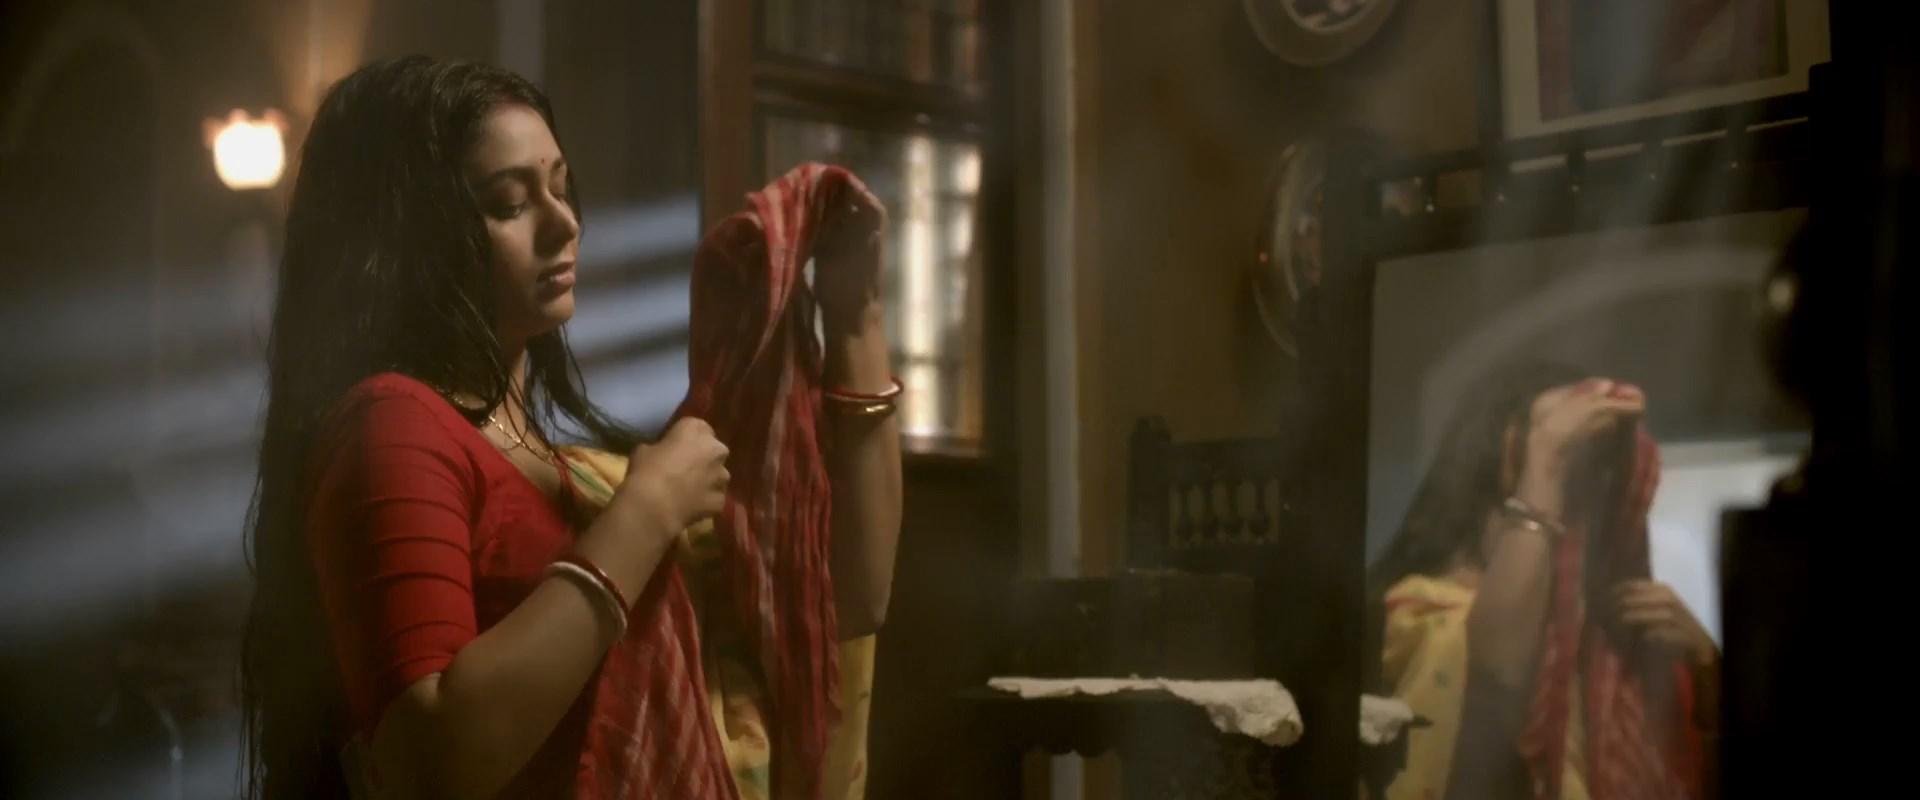 Brahma Janen Gopon Kommoti 2021 Bengali 1080p HDRip 1.8GB.mkv snapshot 01.10.44.693